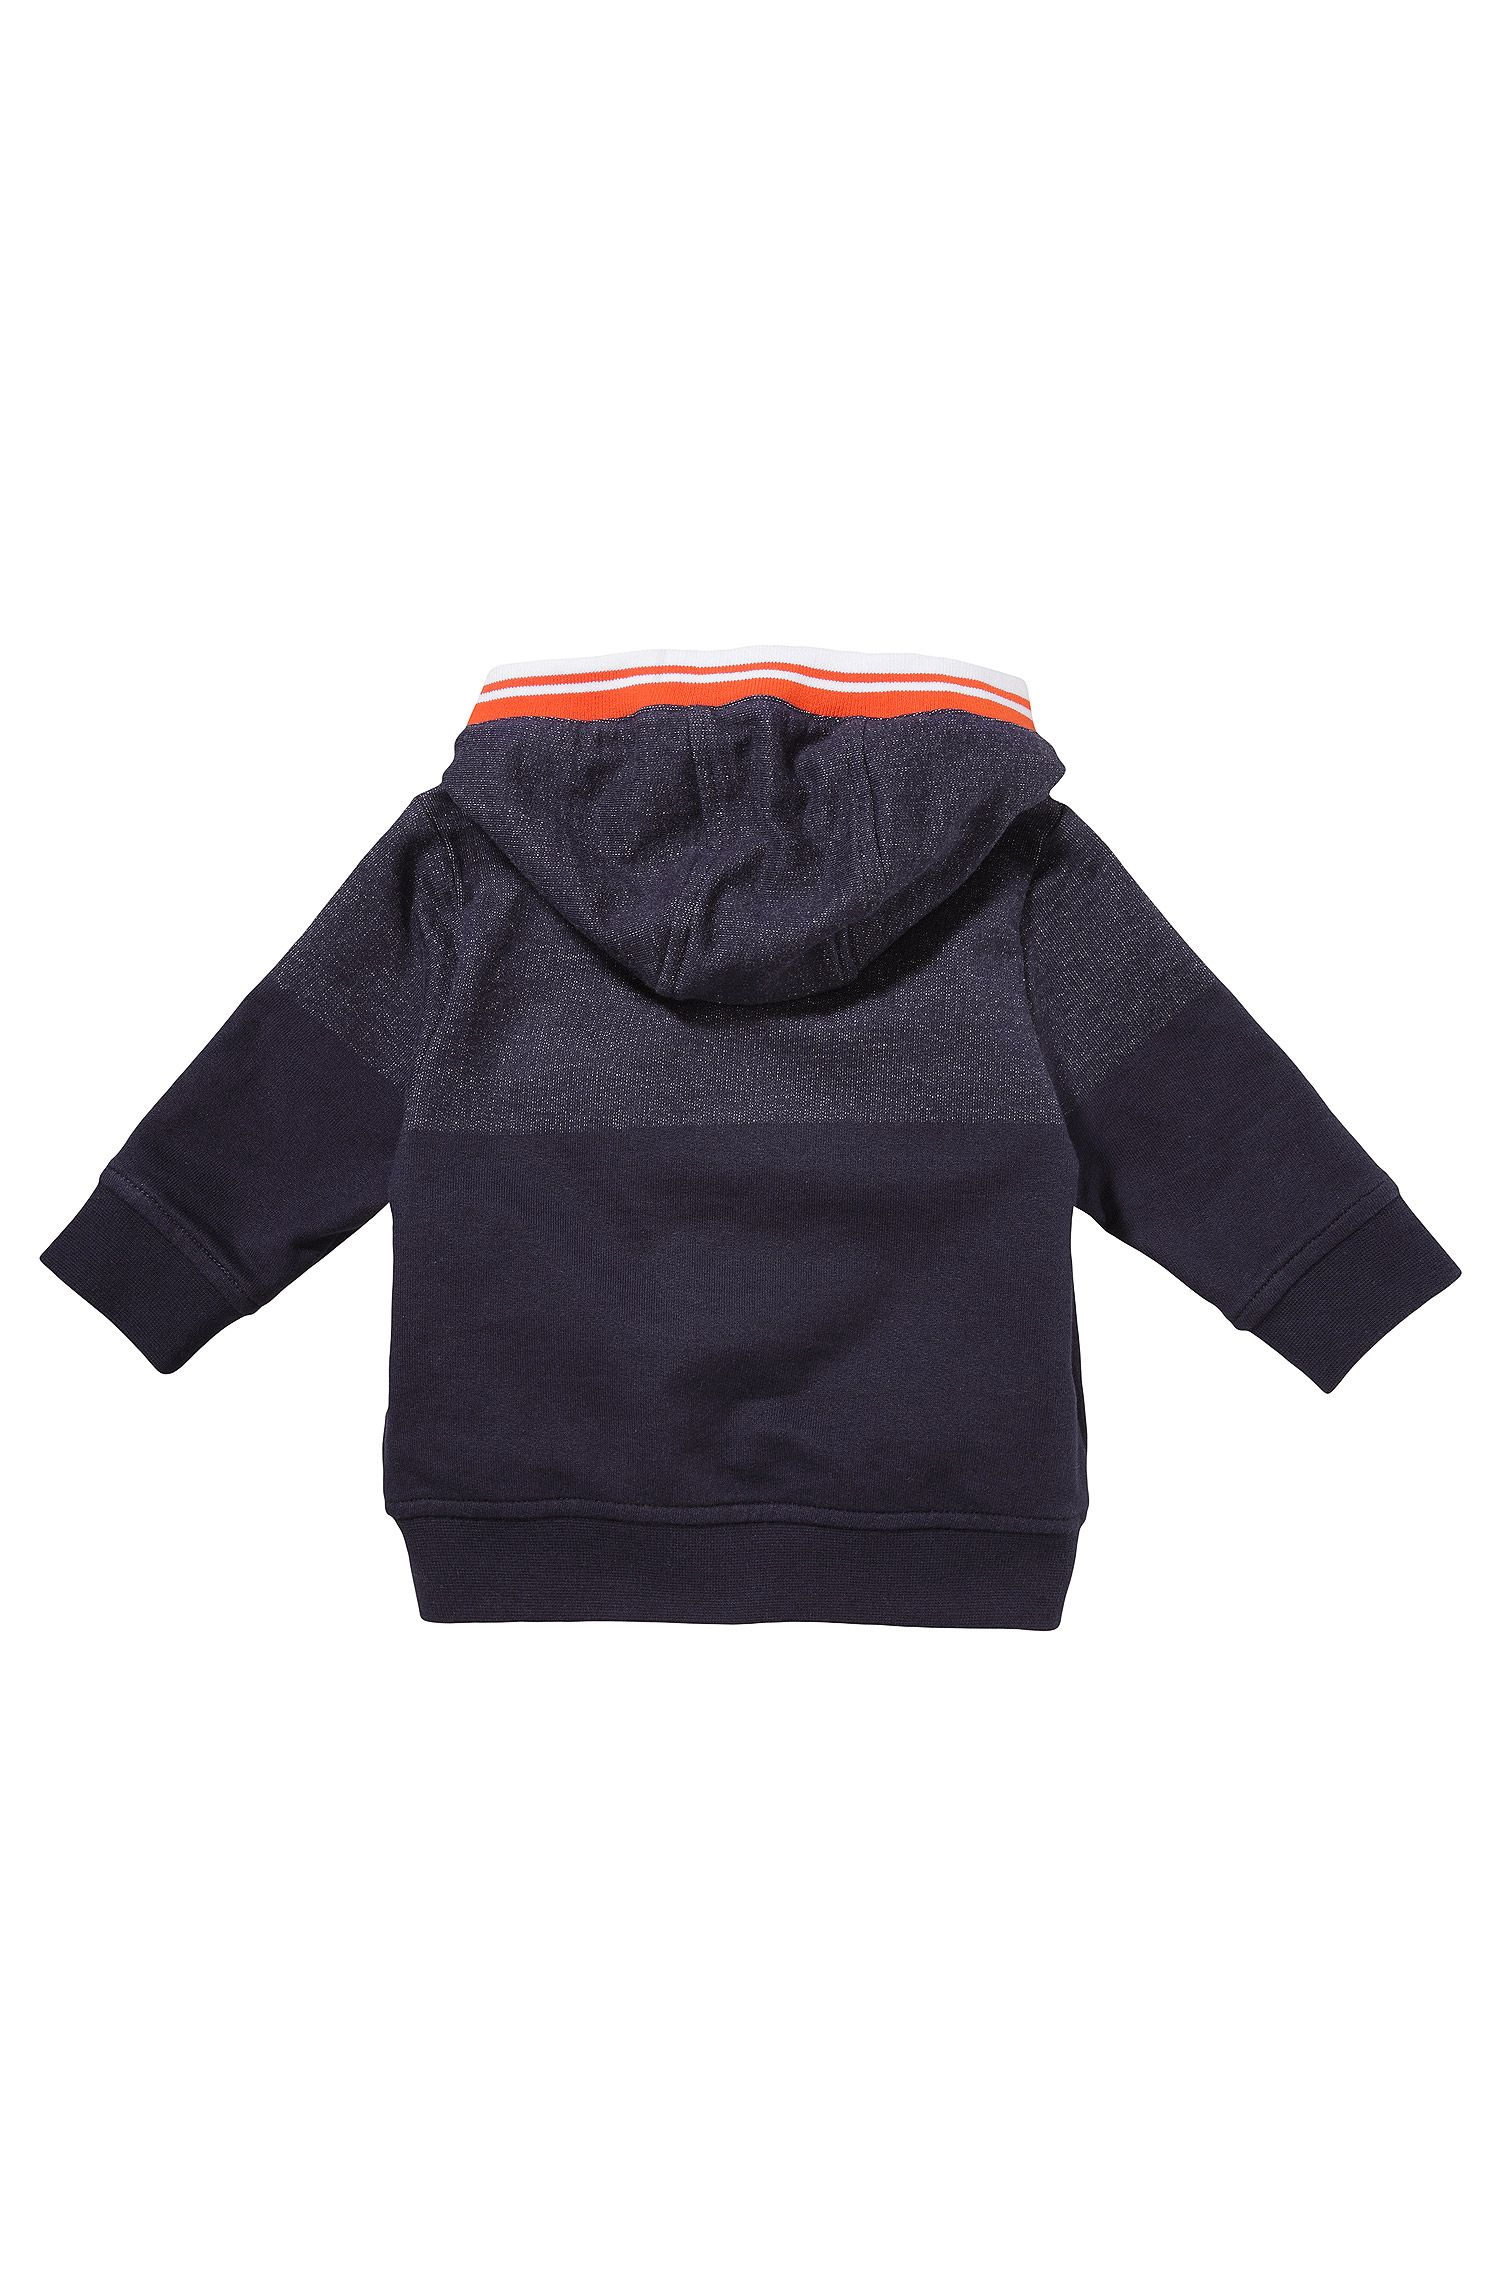 Sweatshirtjas met capuchon voor kinderen 'J05371' van katoen